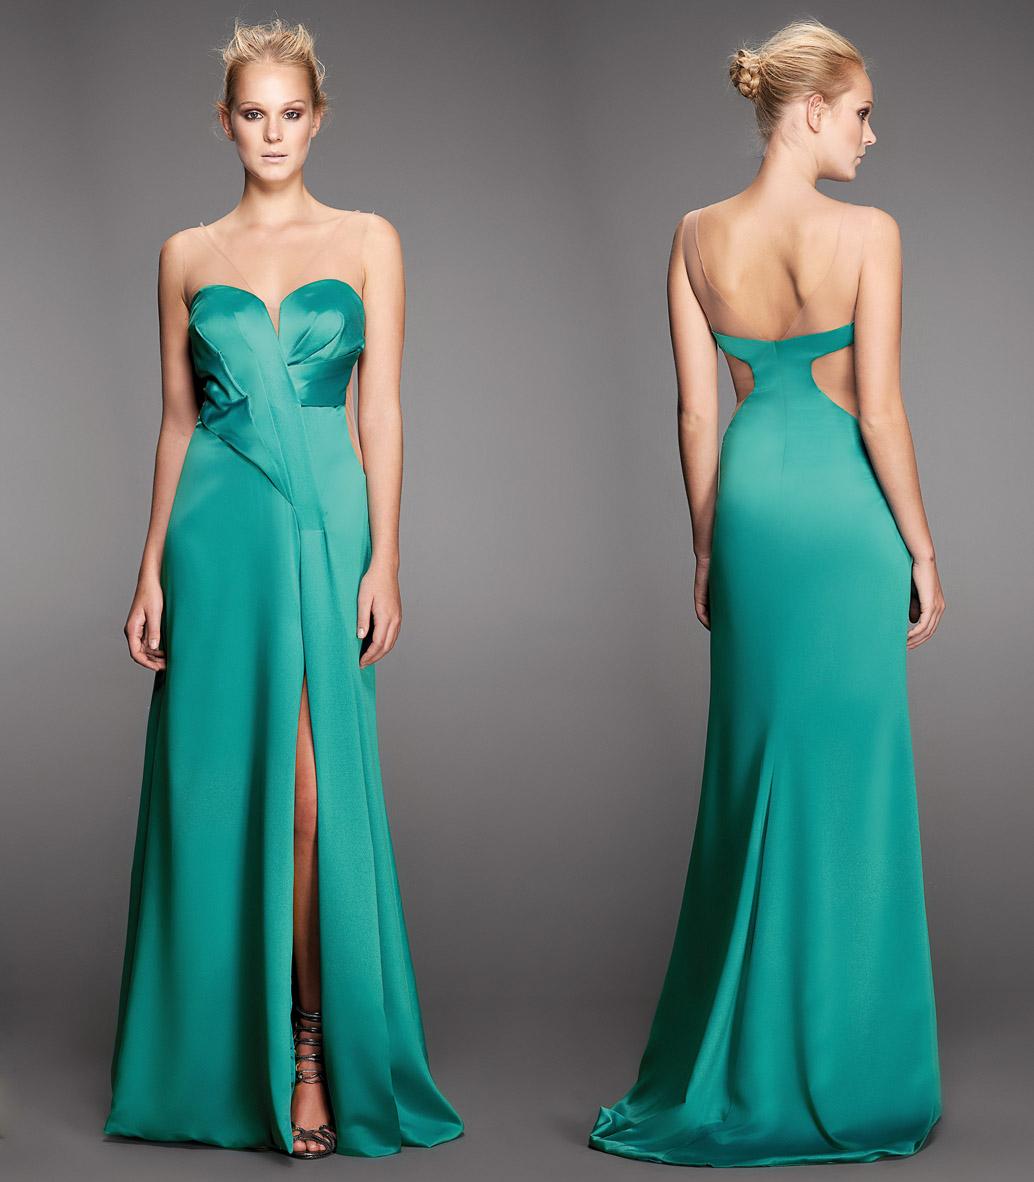 vestido madrinha de casamento M.Rodarte-Vera¦âo-2014-